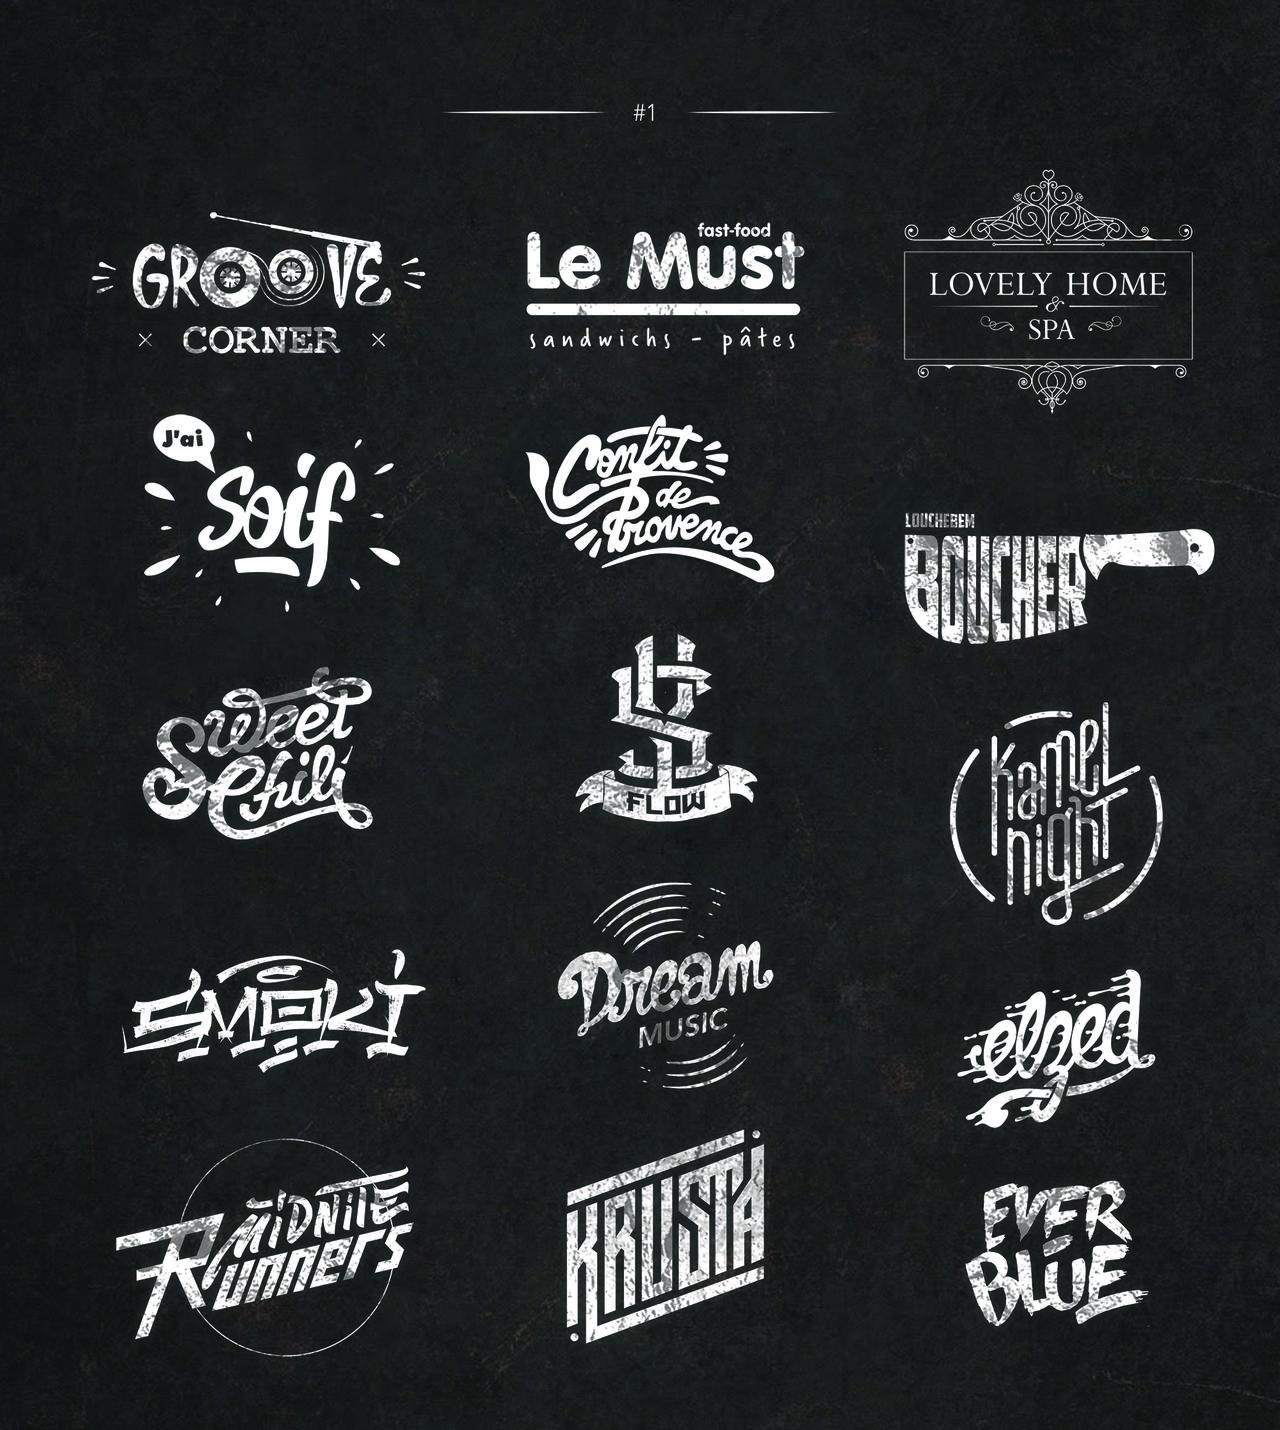 Planche des logo que j'ai réalisé